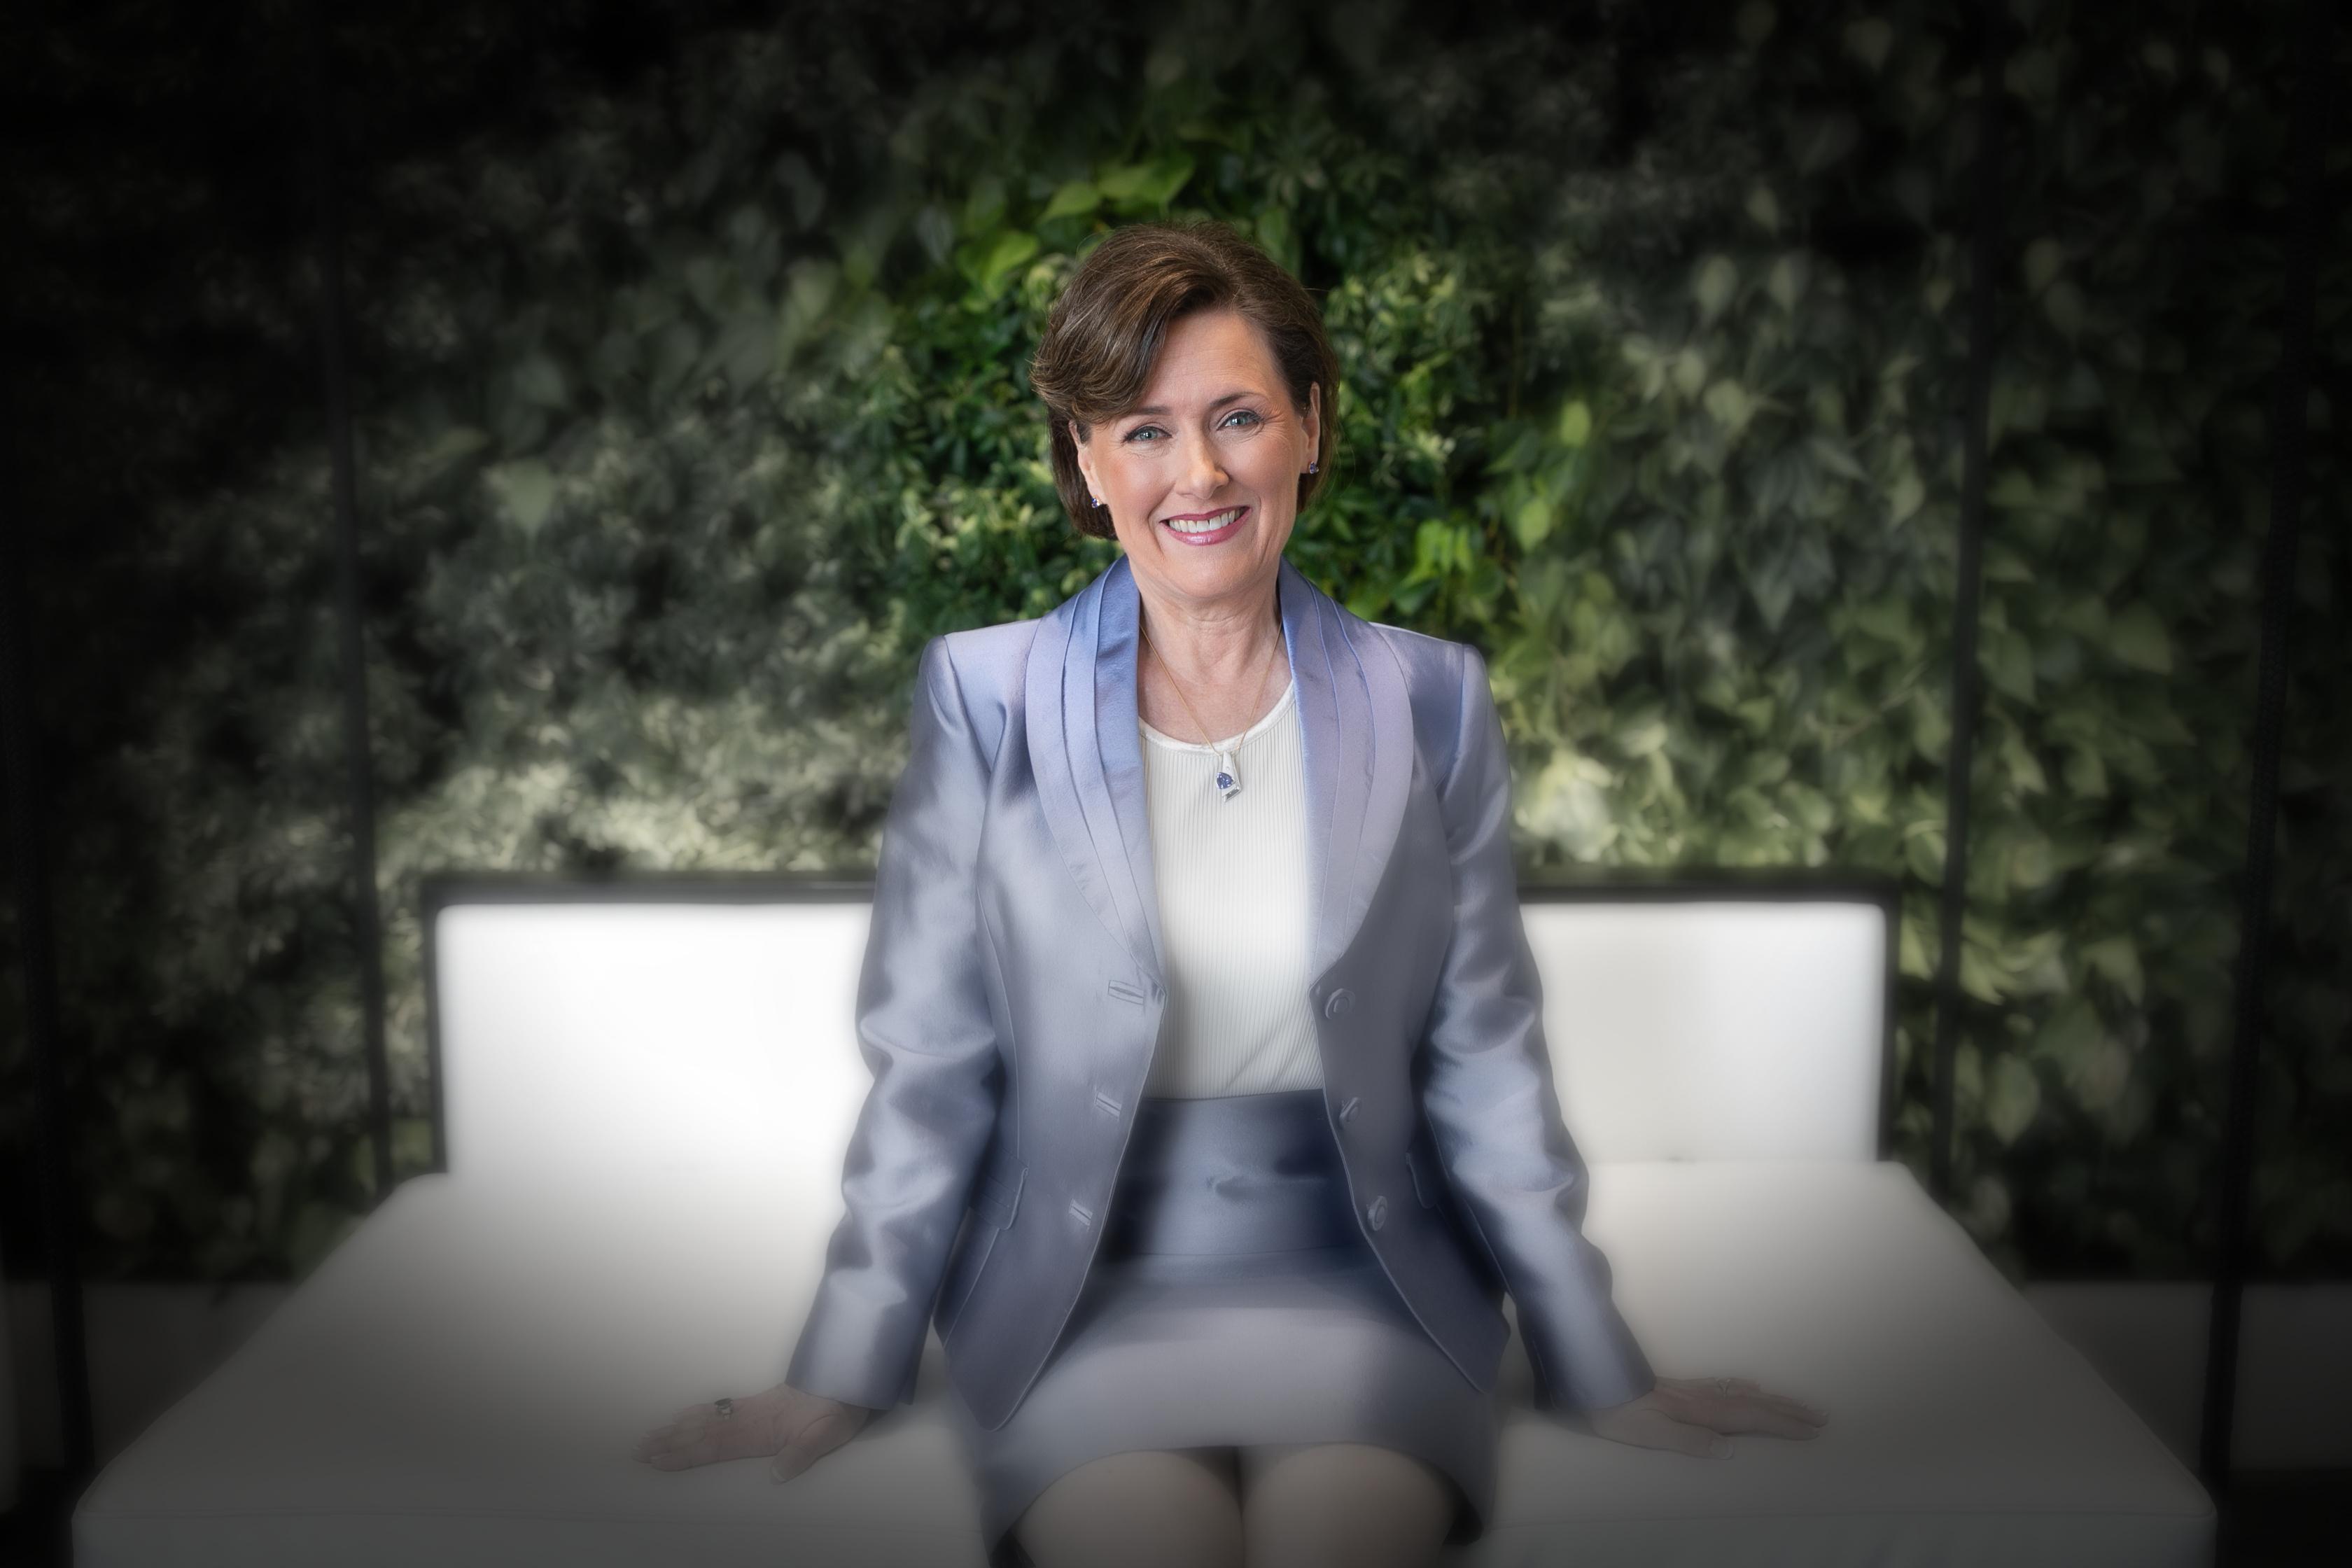 Dr. Lori Barr